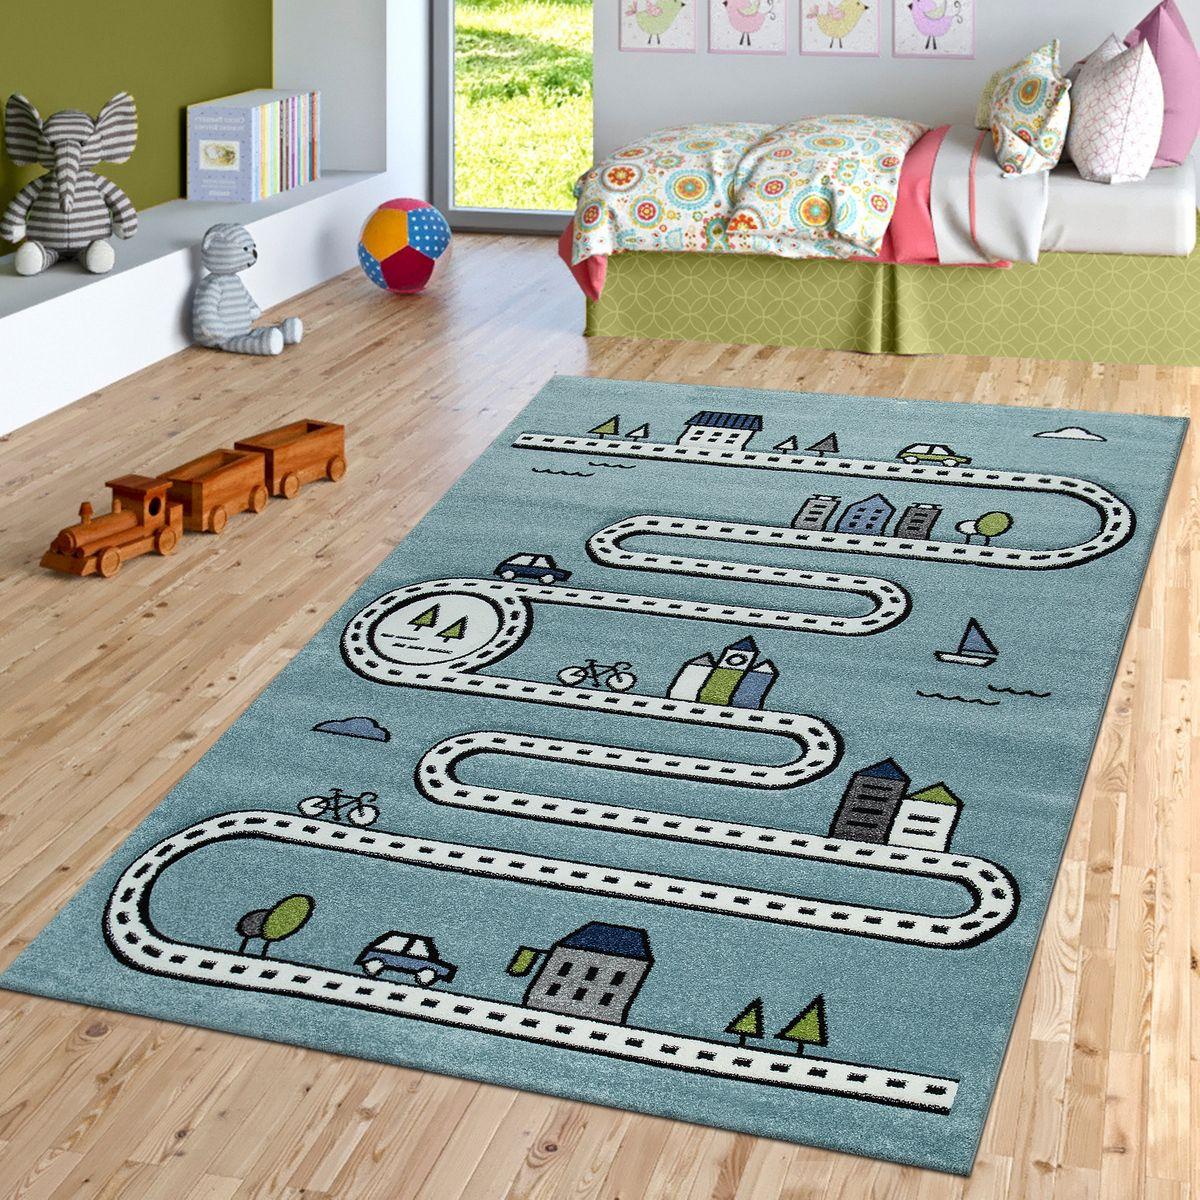 Full Size of Kurzflor Kinderzimmer Teppich Strae Grau Teppichmax Regale Regal Weiß Wohnzimmer Teppiche Sofa Kinderzimmer Teppiche Kinderzimmer